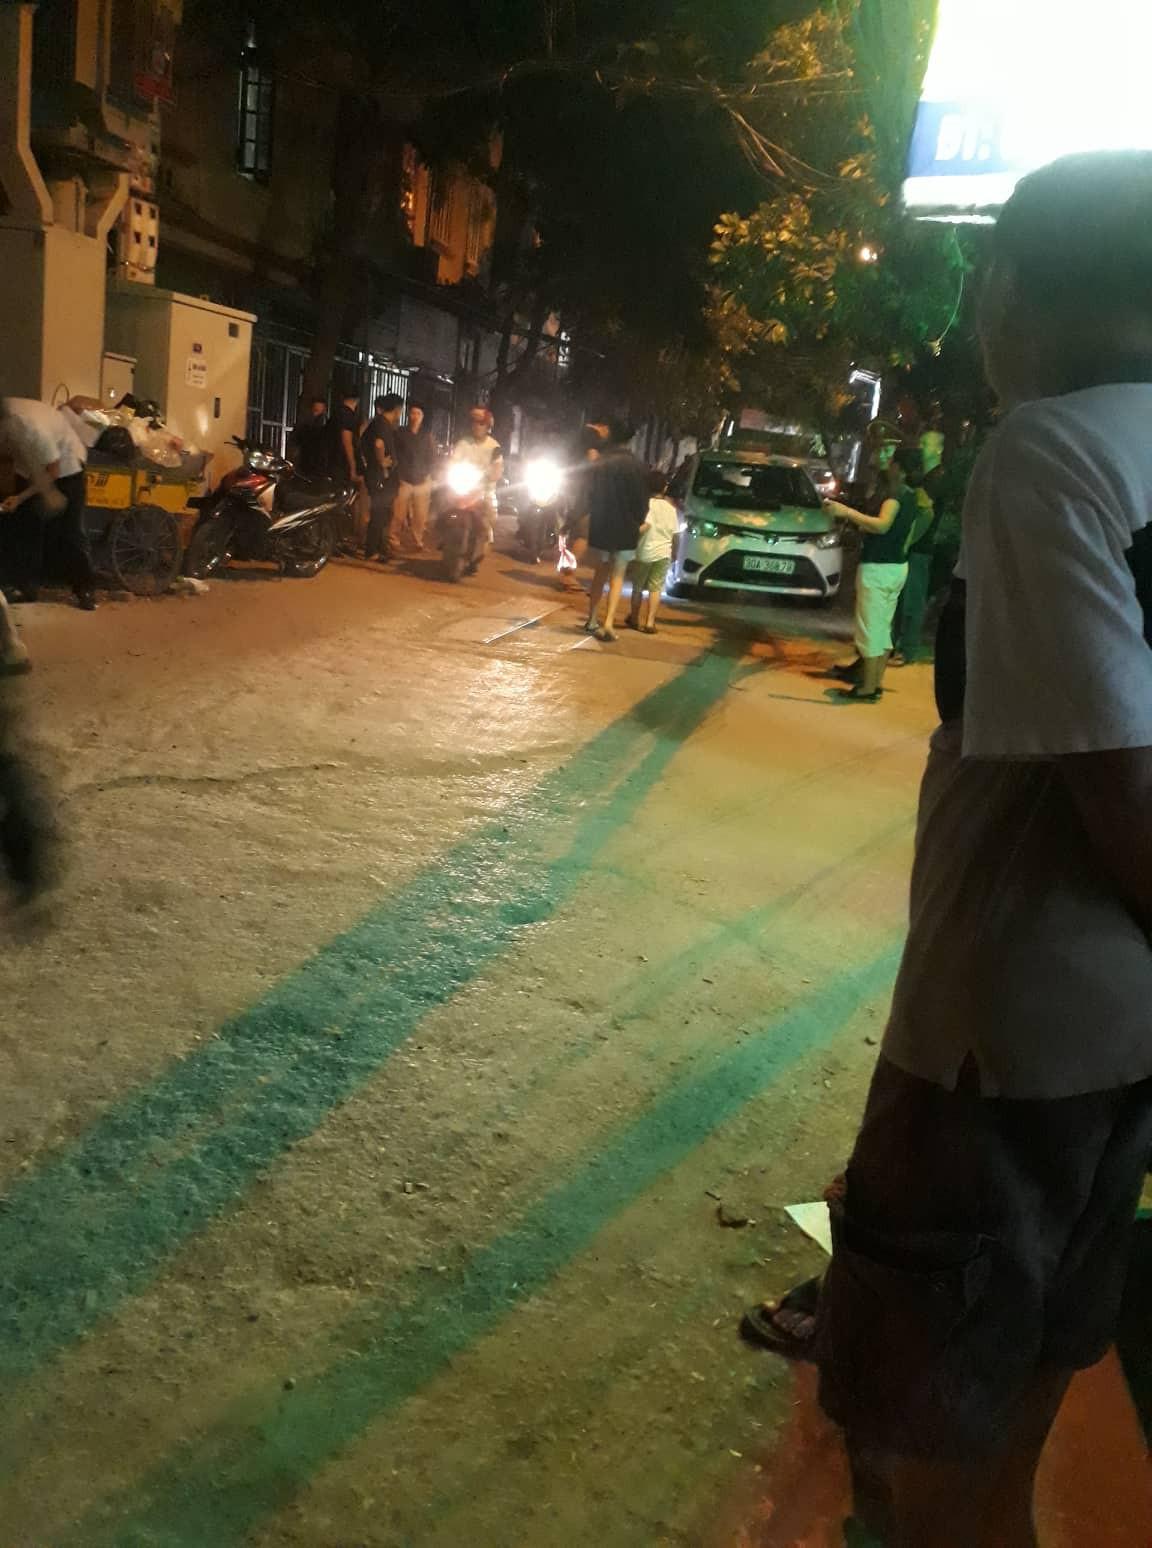 Hà Nội: Người đàn ông lái xe Mazda nghi nổ súng, chèn ô tô qua người tài xế taxi giữa phố rồi bỏ trốn - Ảnh 1.